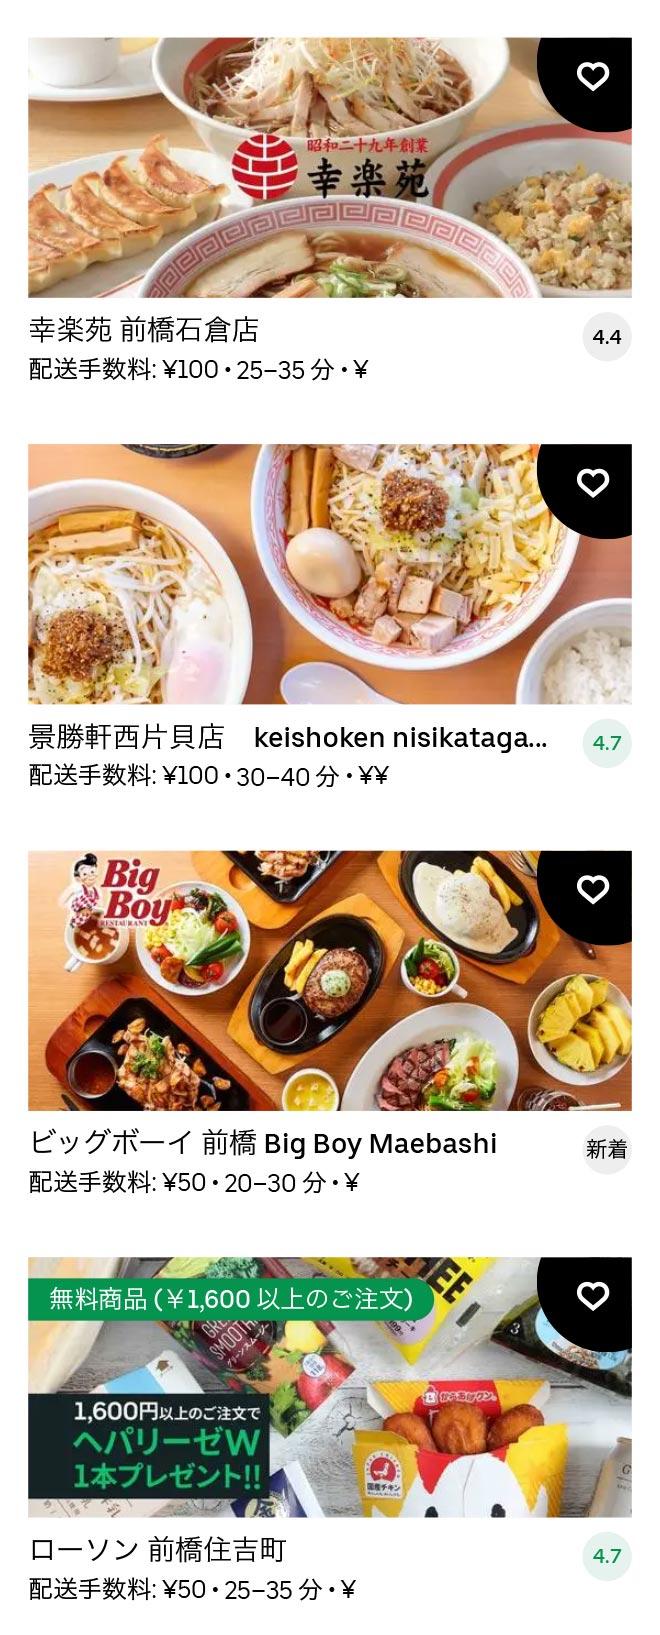 Chuo maebashi menu 2012 03